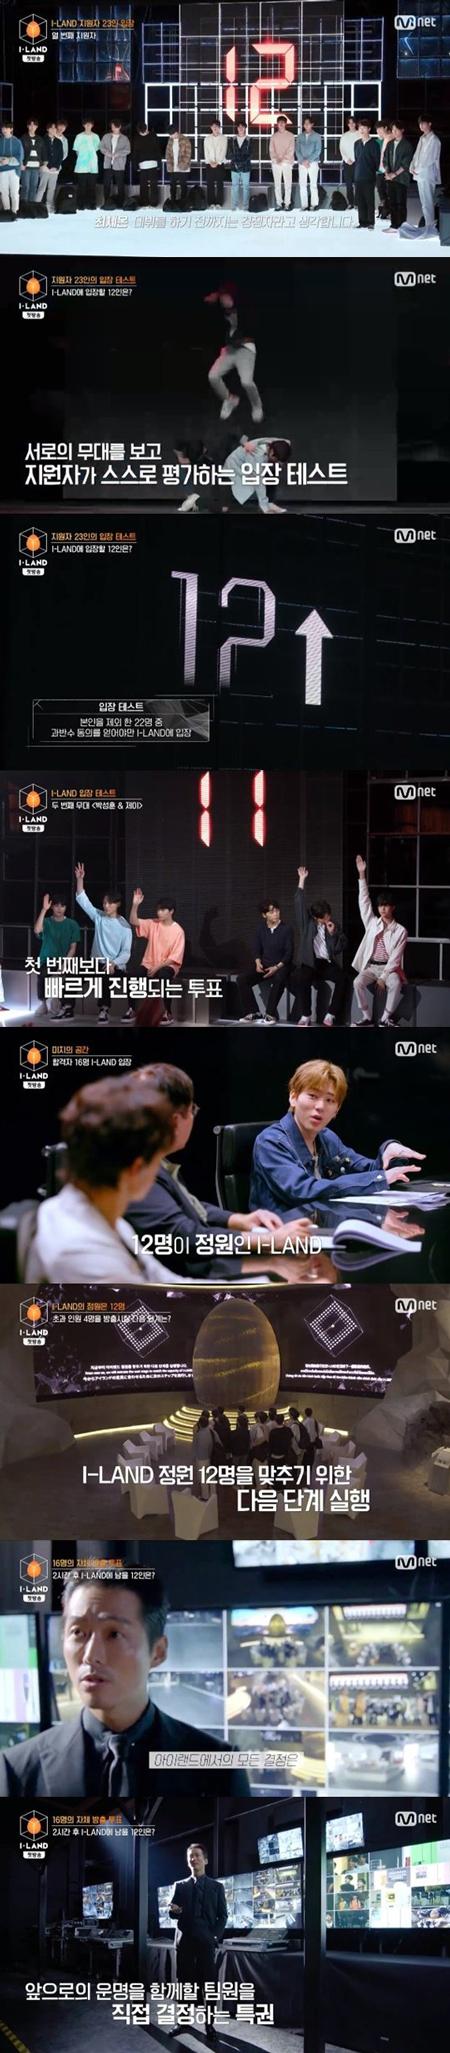 Mnet&BigHitによるオーディション番組「I-LAND」が始動、自ら合否を選ぶシステムに16人の志願者が早くも岐路に